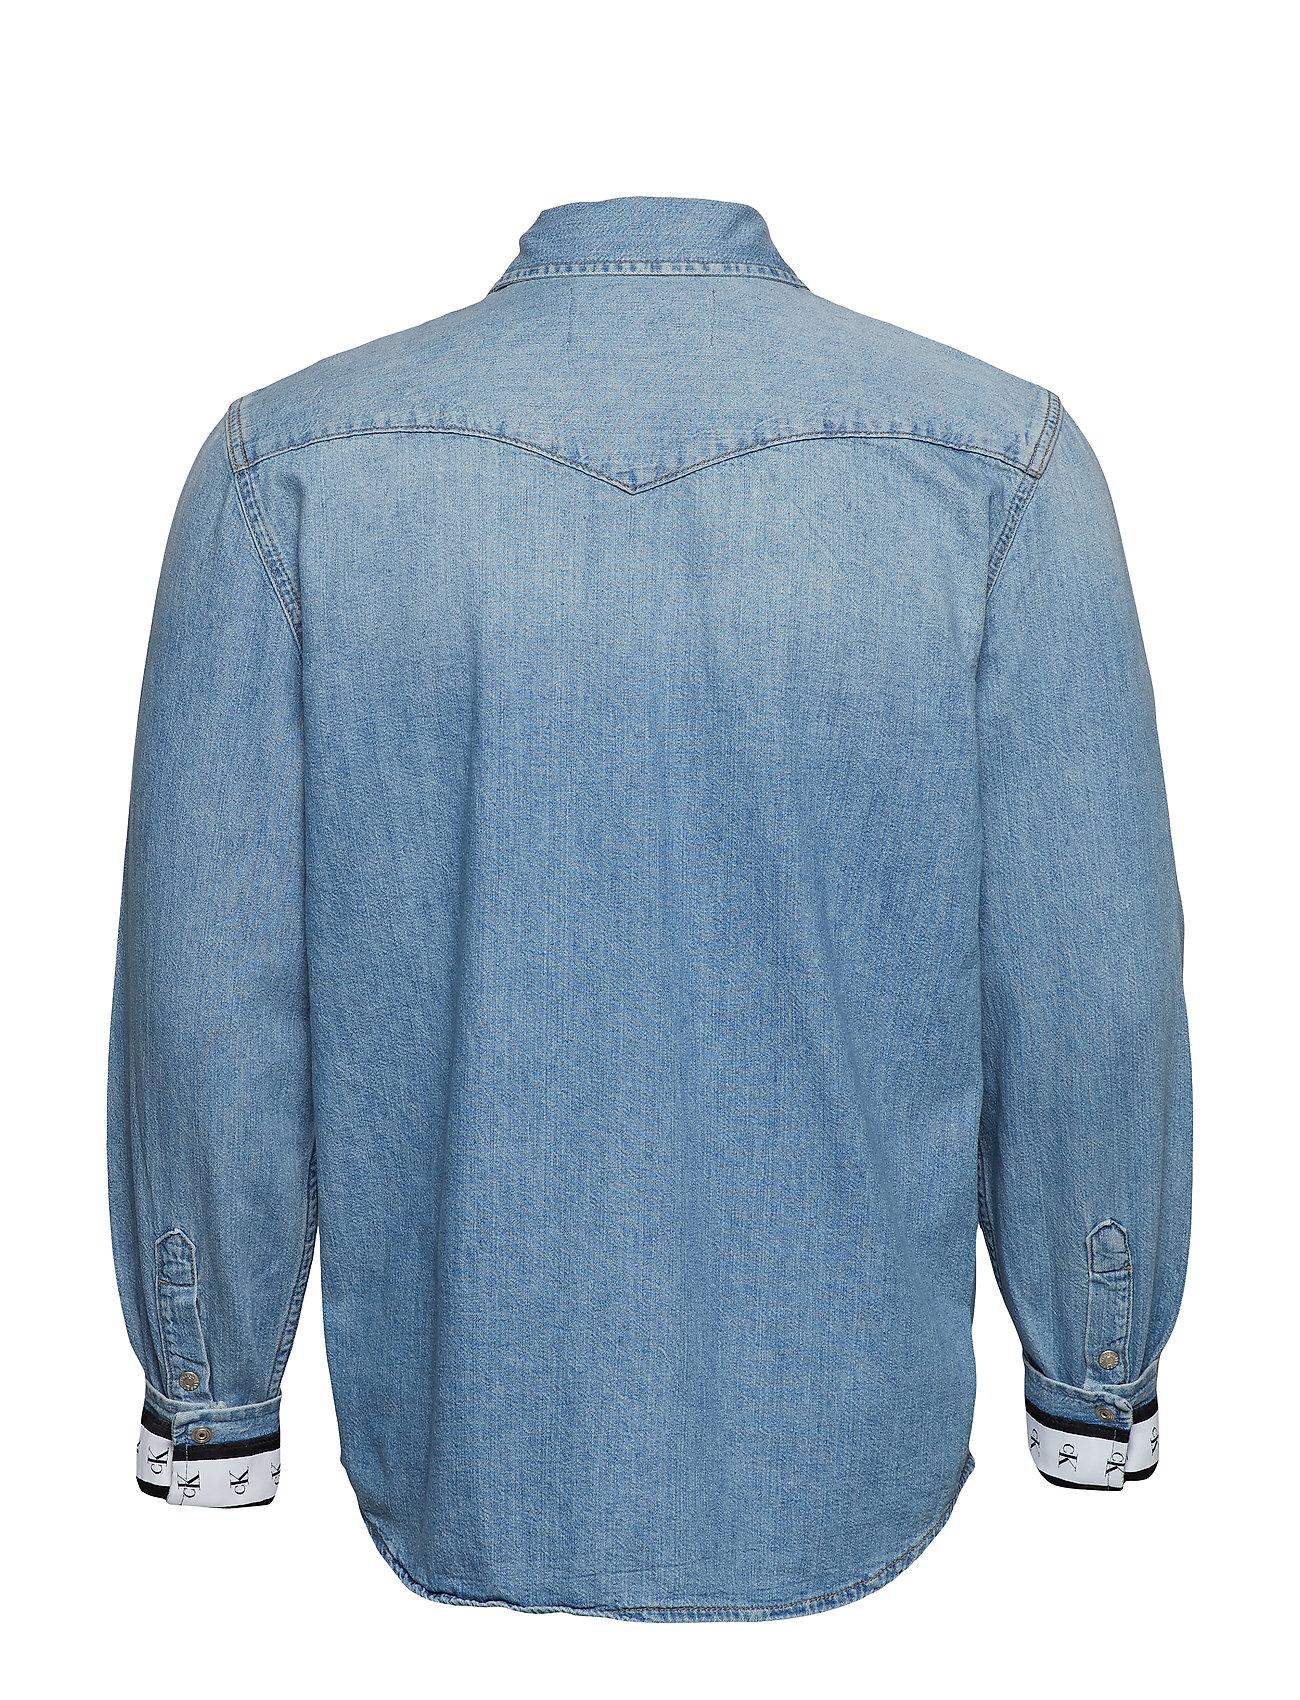 Sba067 Foundation Klein Cuff MonoCalvin Jeans Western Blue wvn0ONm8